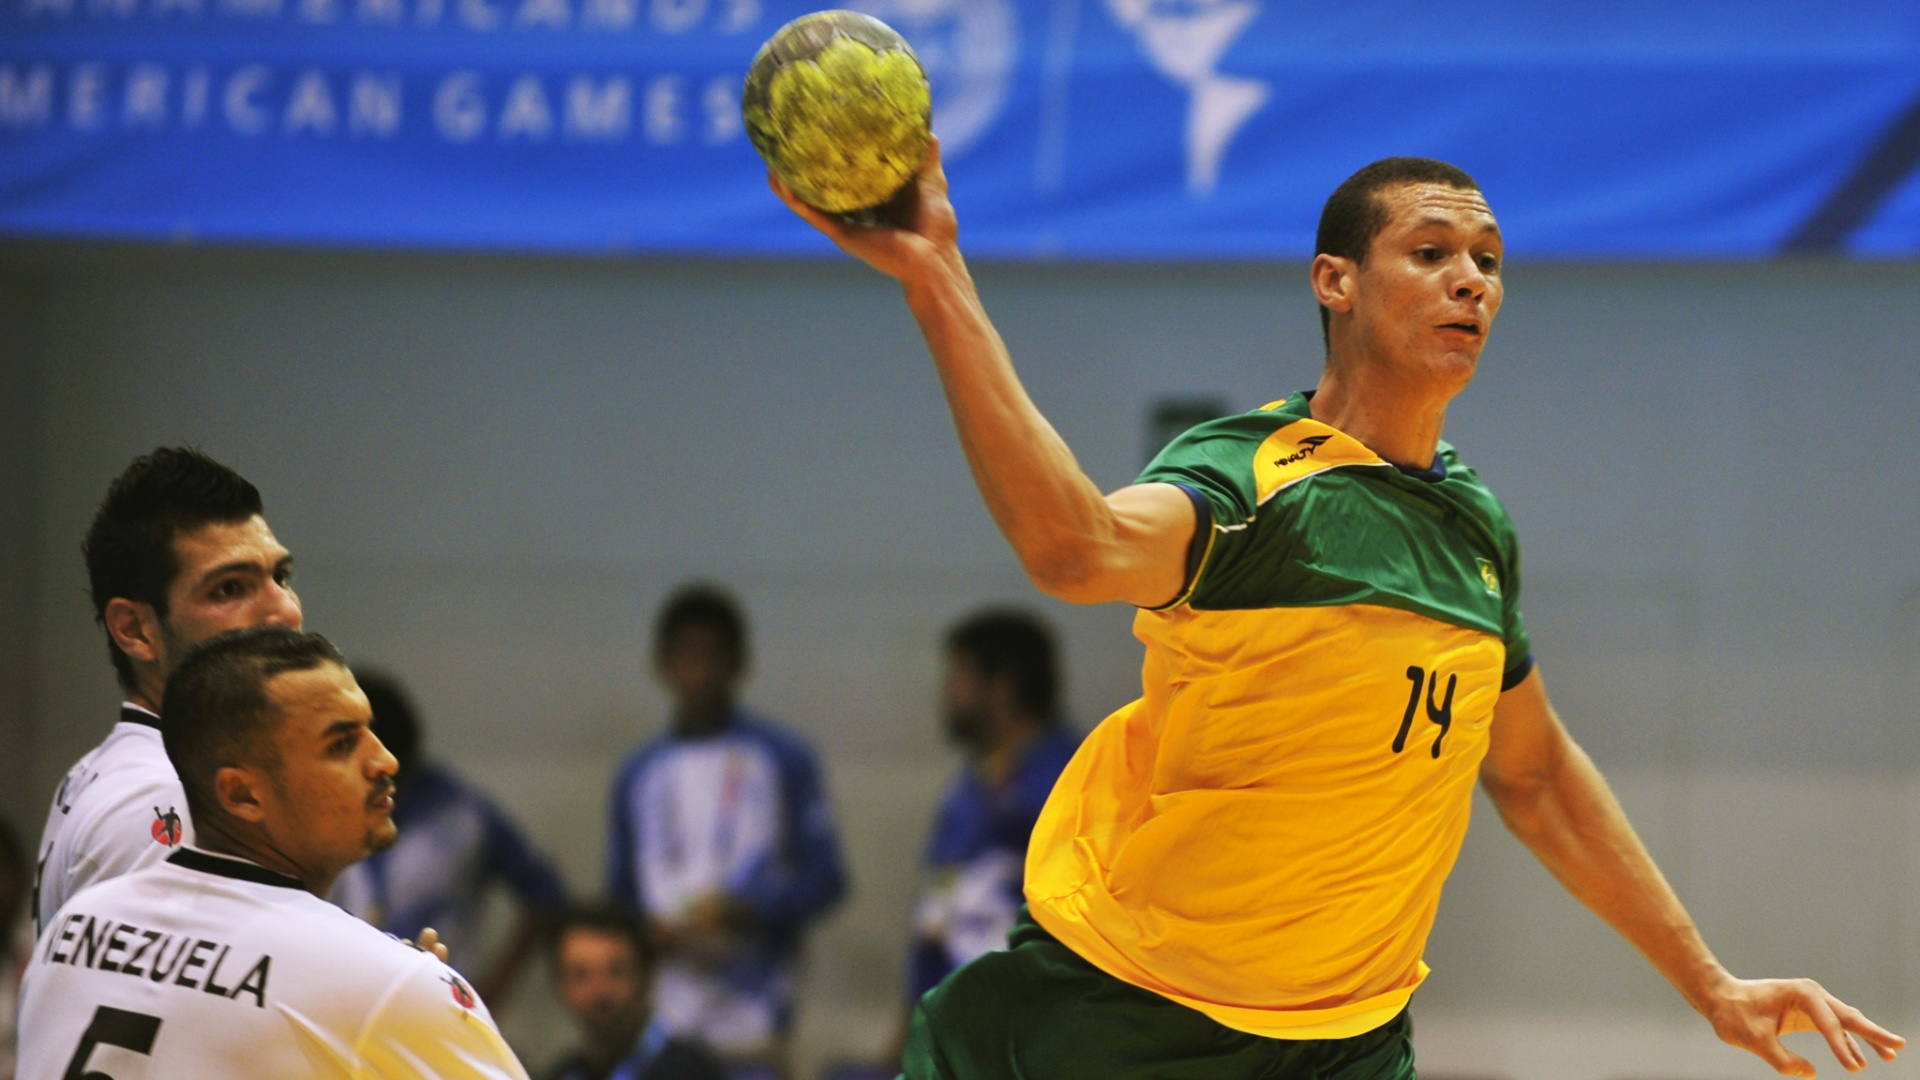 Thiagus arma arremesso na vitória da seleção brasileira sobre a Venezuela no handebol masculino do Pan (18/10/2011)